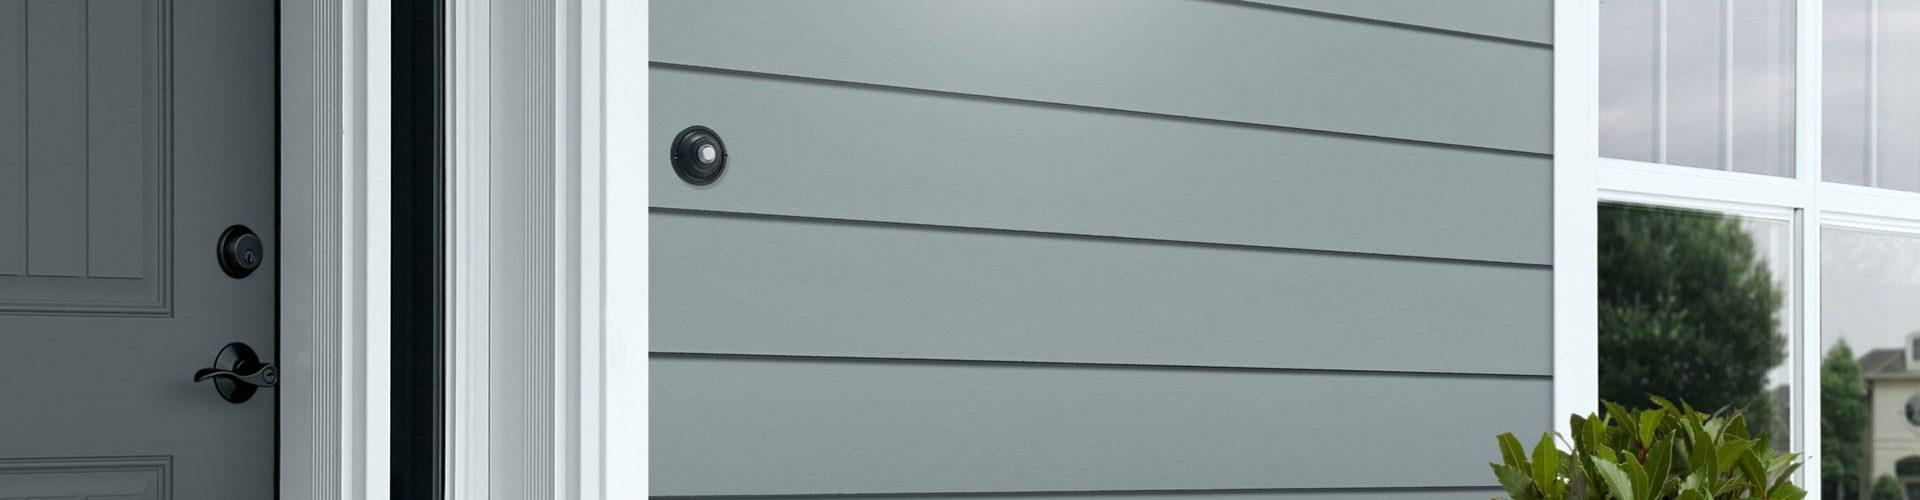 Cedral Classic C10 Ere ookean - ülekattega sile voodrilaud